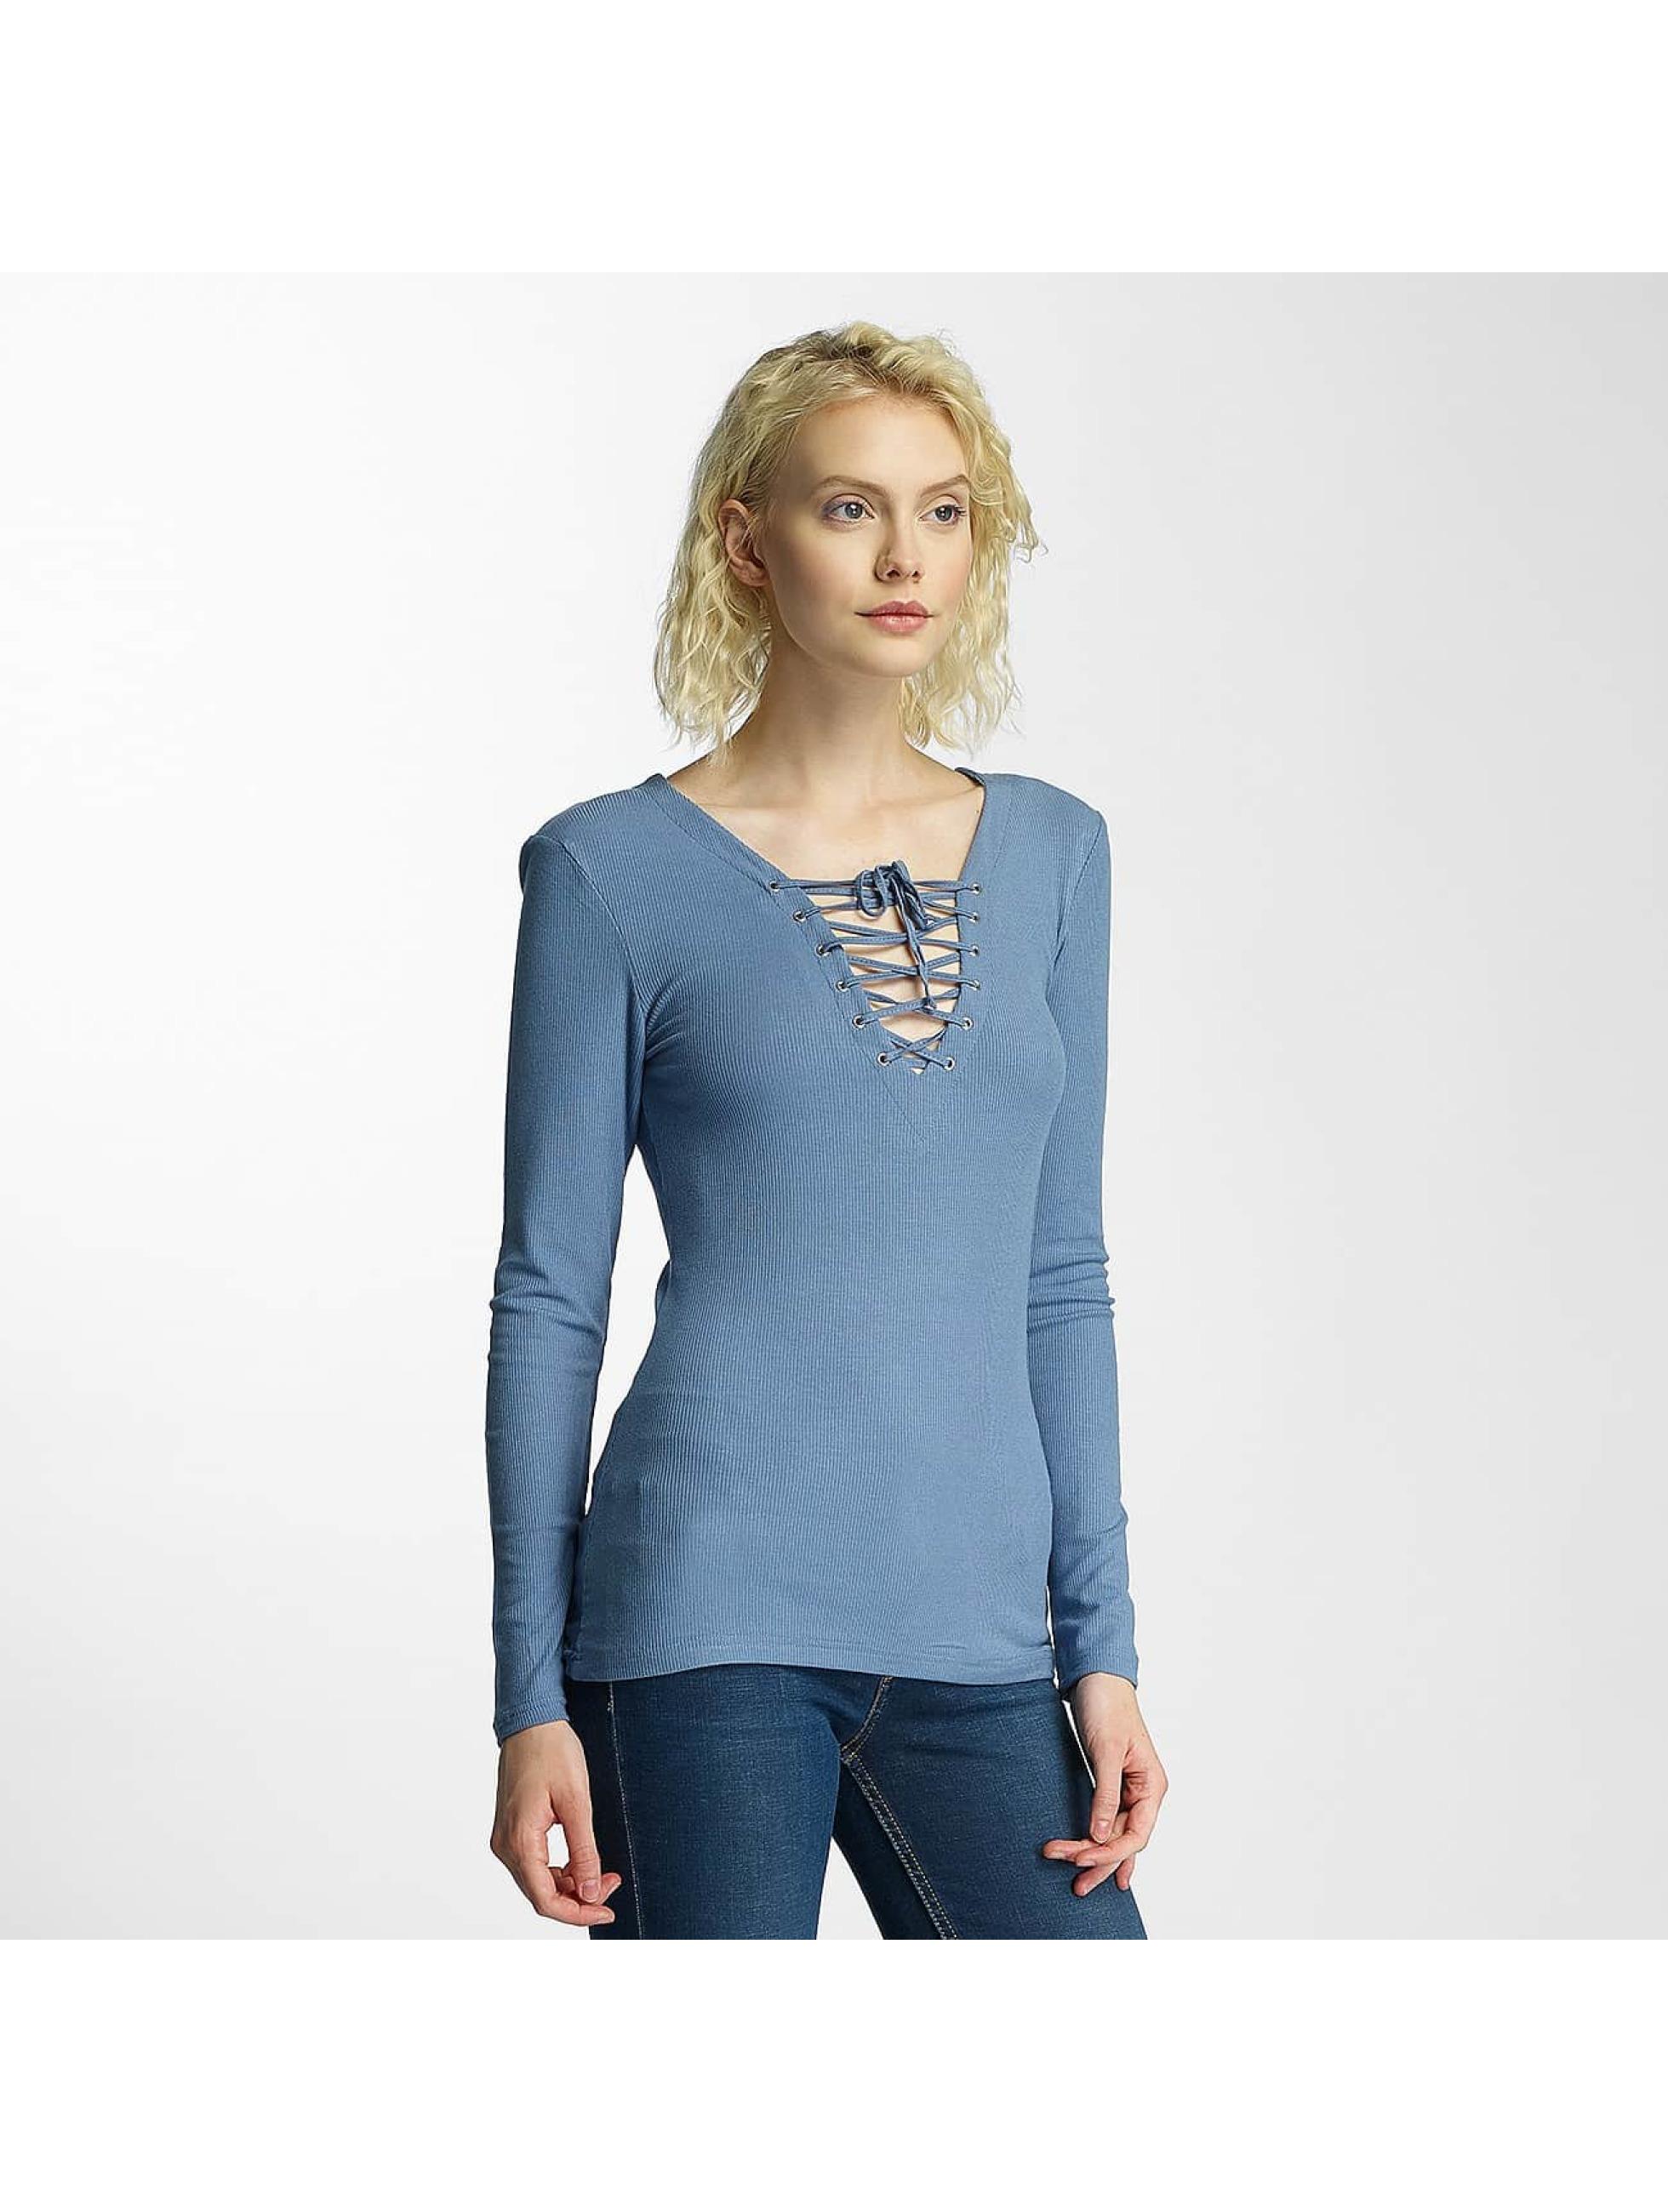 Brave Soul Pitkähihaiset paidat Tie Up sininen